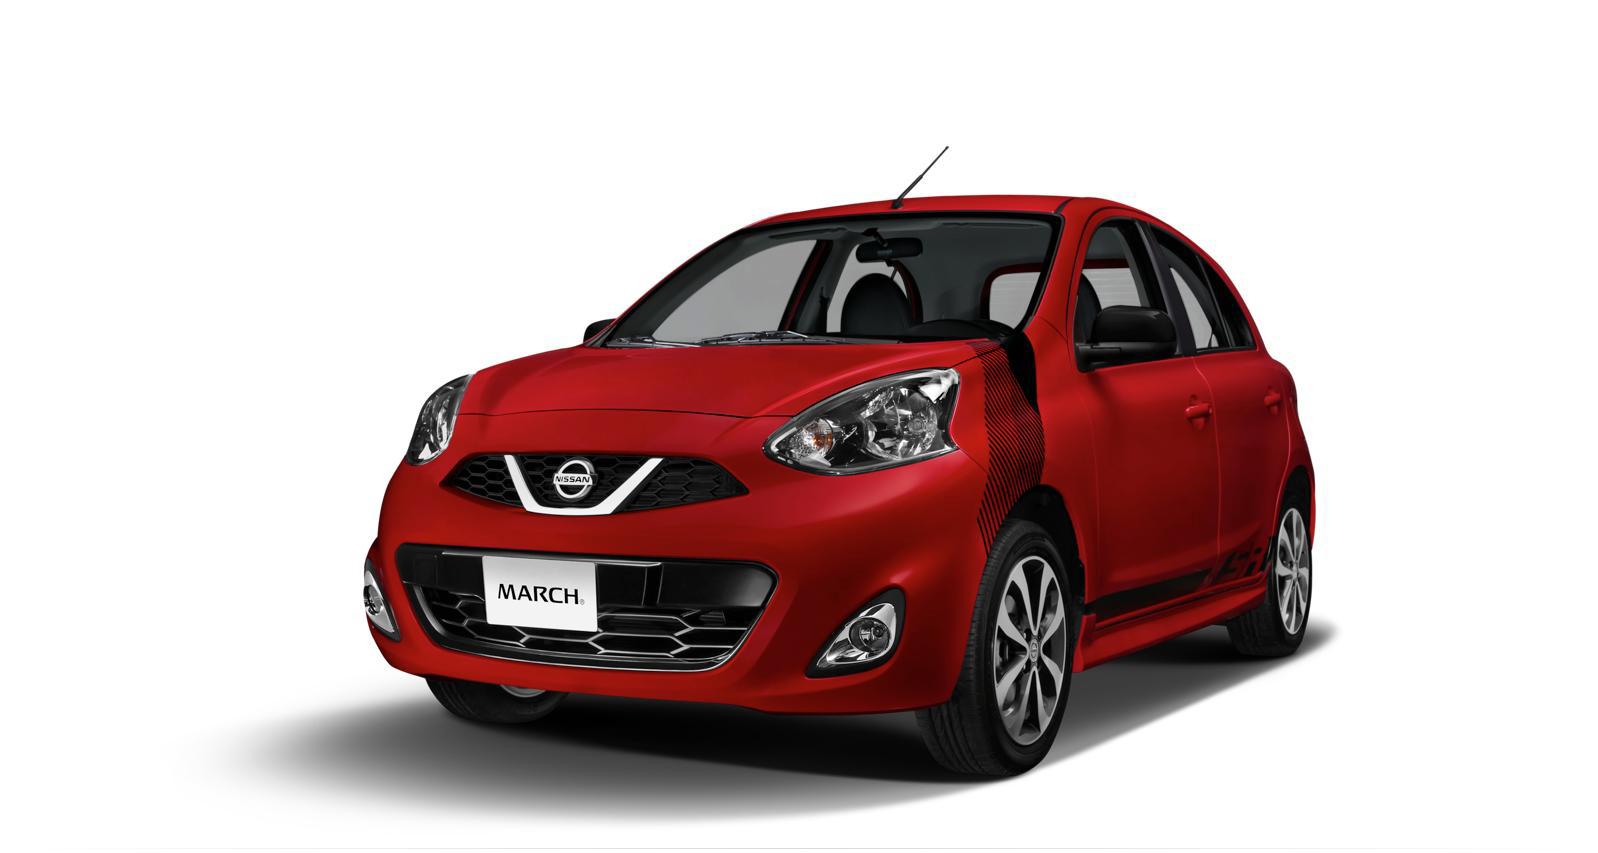 Nissan March precio mexico